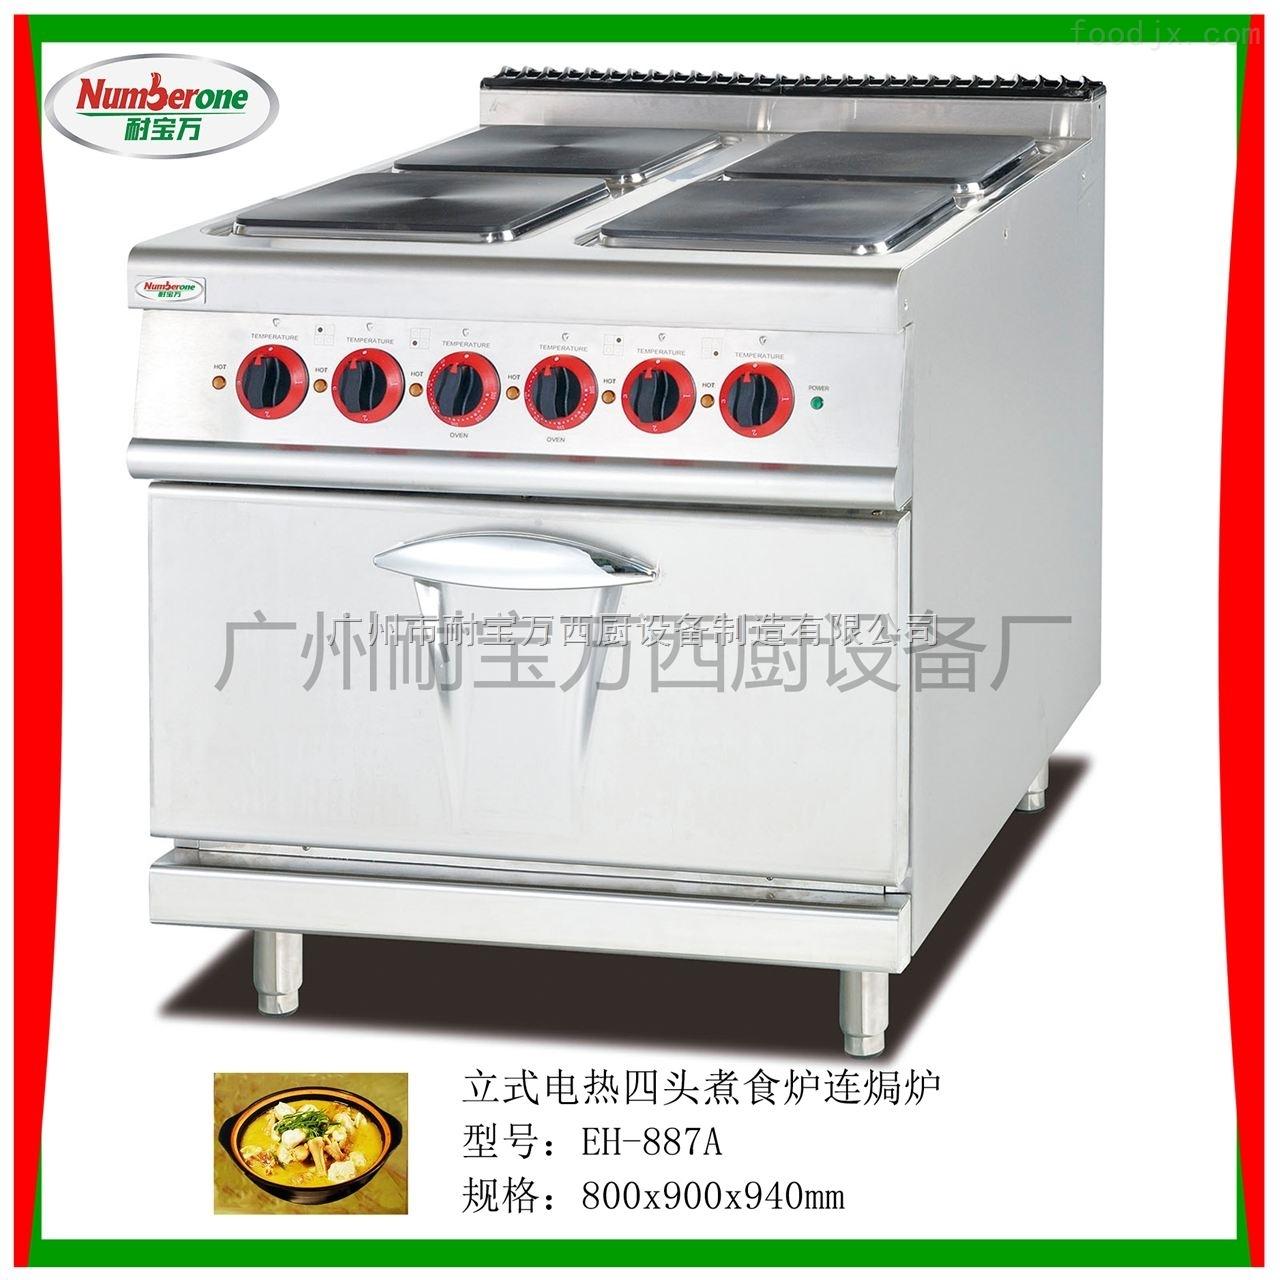 立式电四头煮食炉连电焗炉/煮汤炉